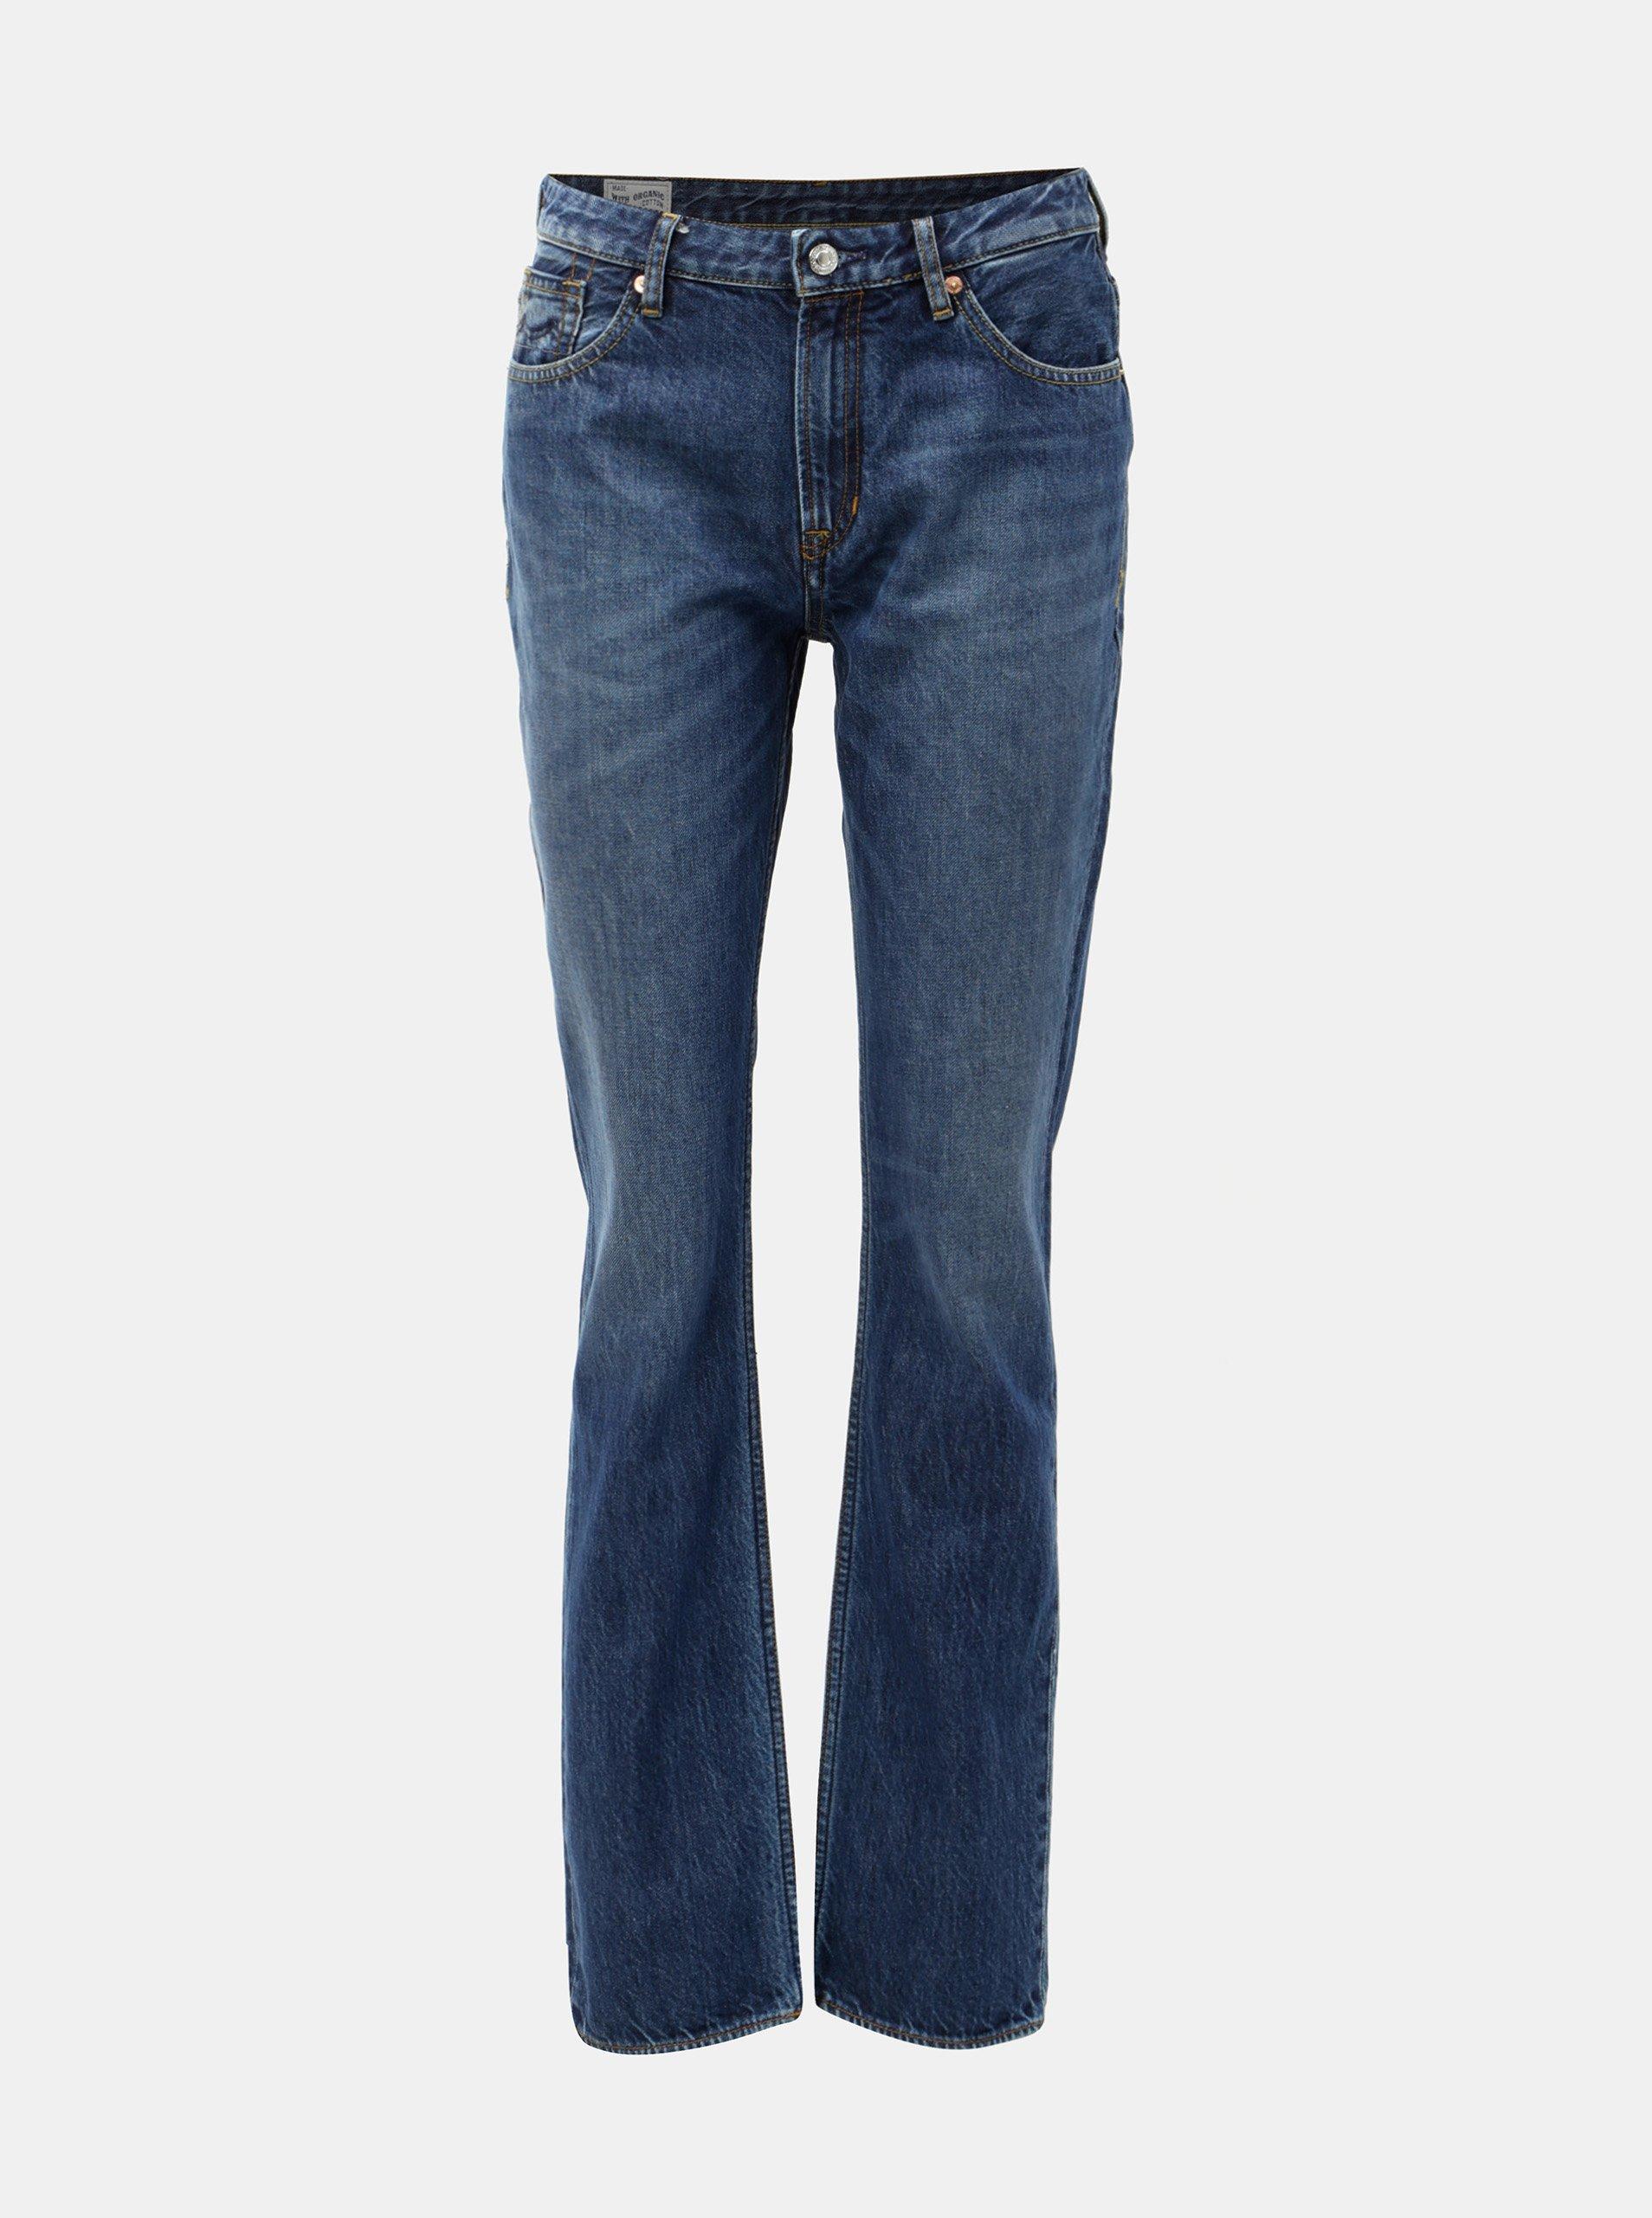 85b4c669a77 Modré dámské straight džíny s vysokým pasem Kings of Indigo Kimberley